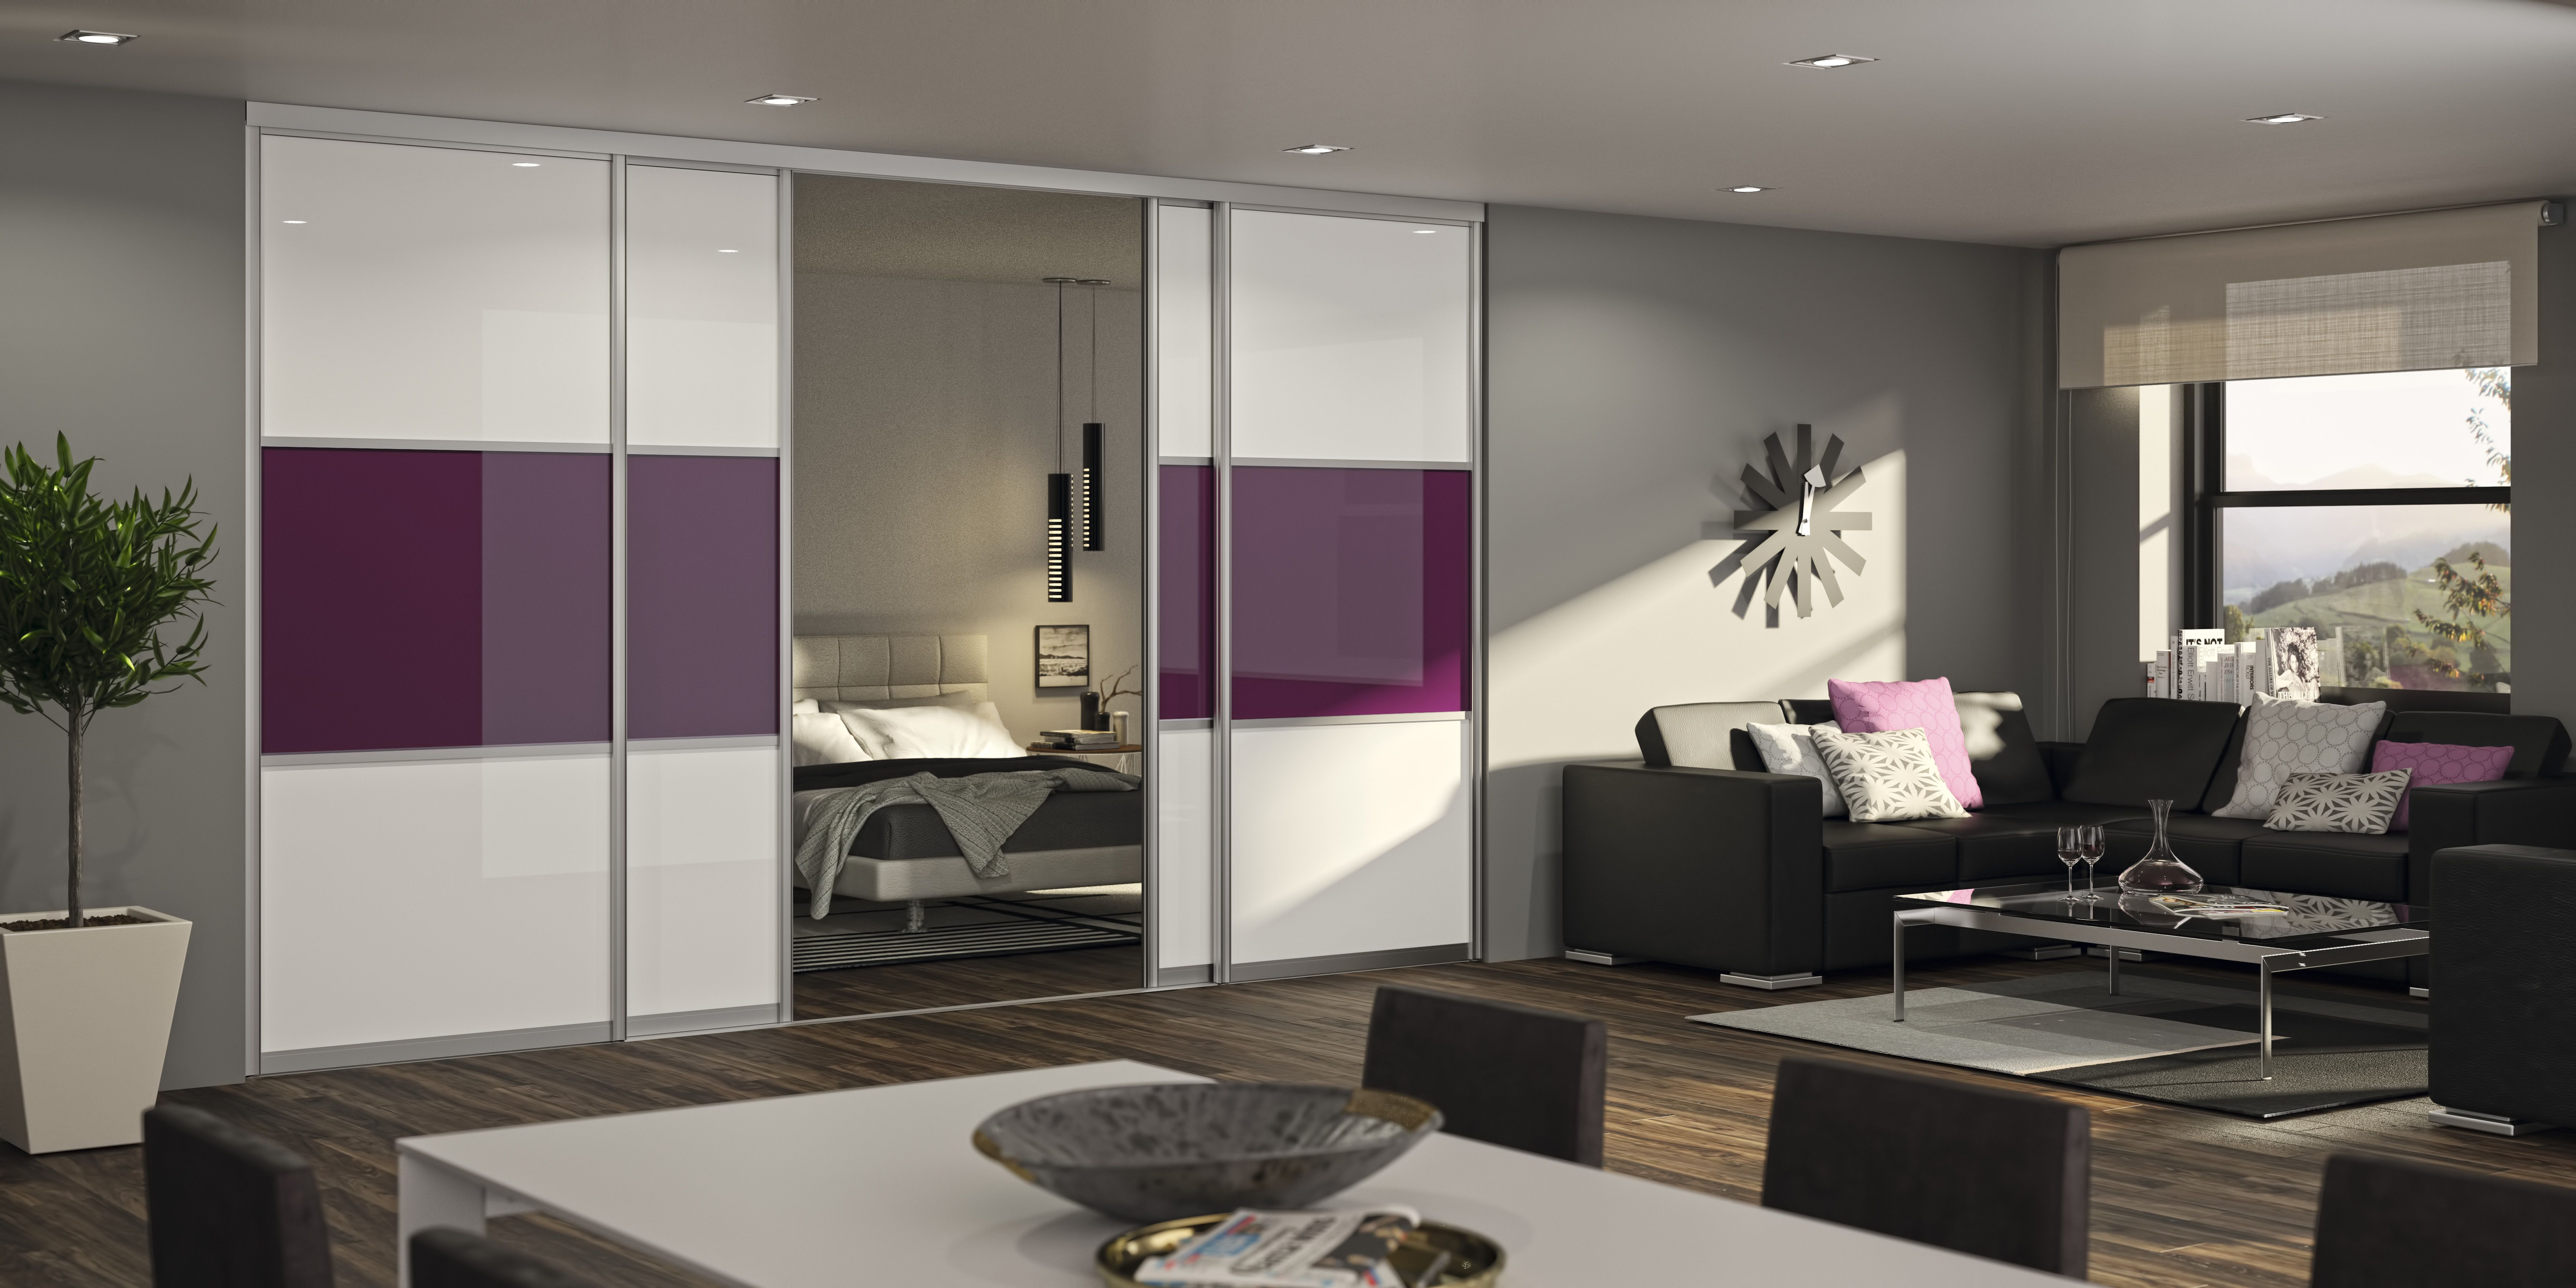 Eine Schiebetür Kann Dein Schlafzimmer Wunderbar Vom Wohnzimmer Abgrenzen.  Mit Farbigen Sprossen Kannst Du Zusätzlich